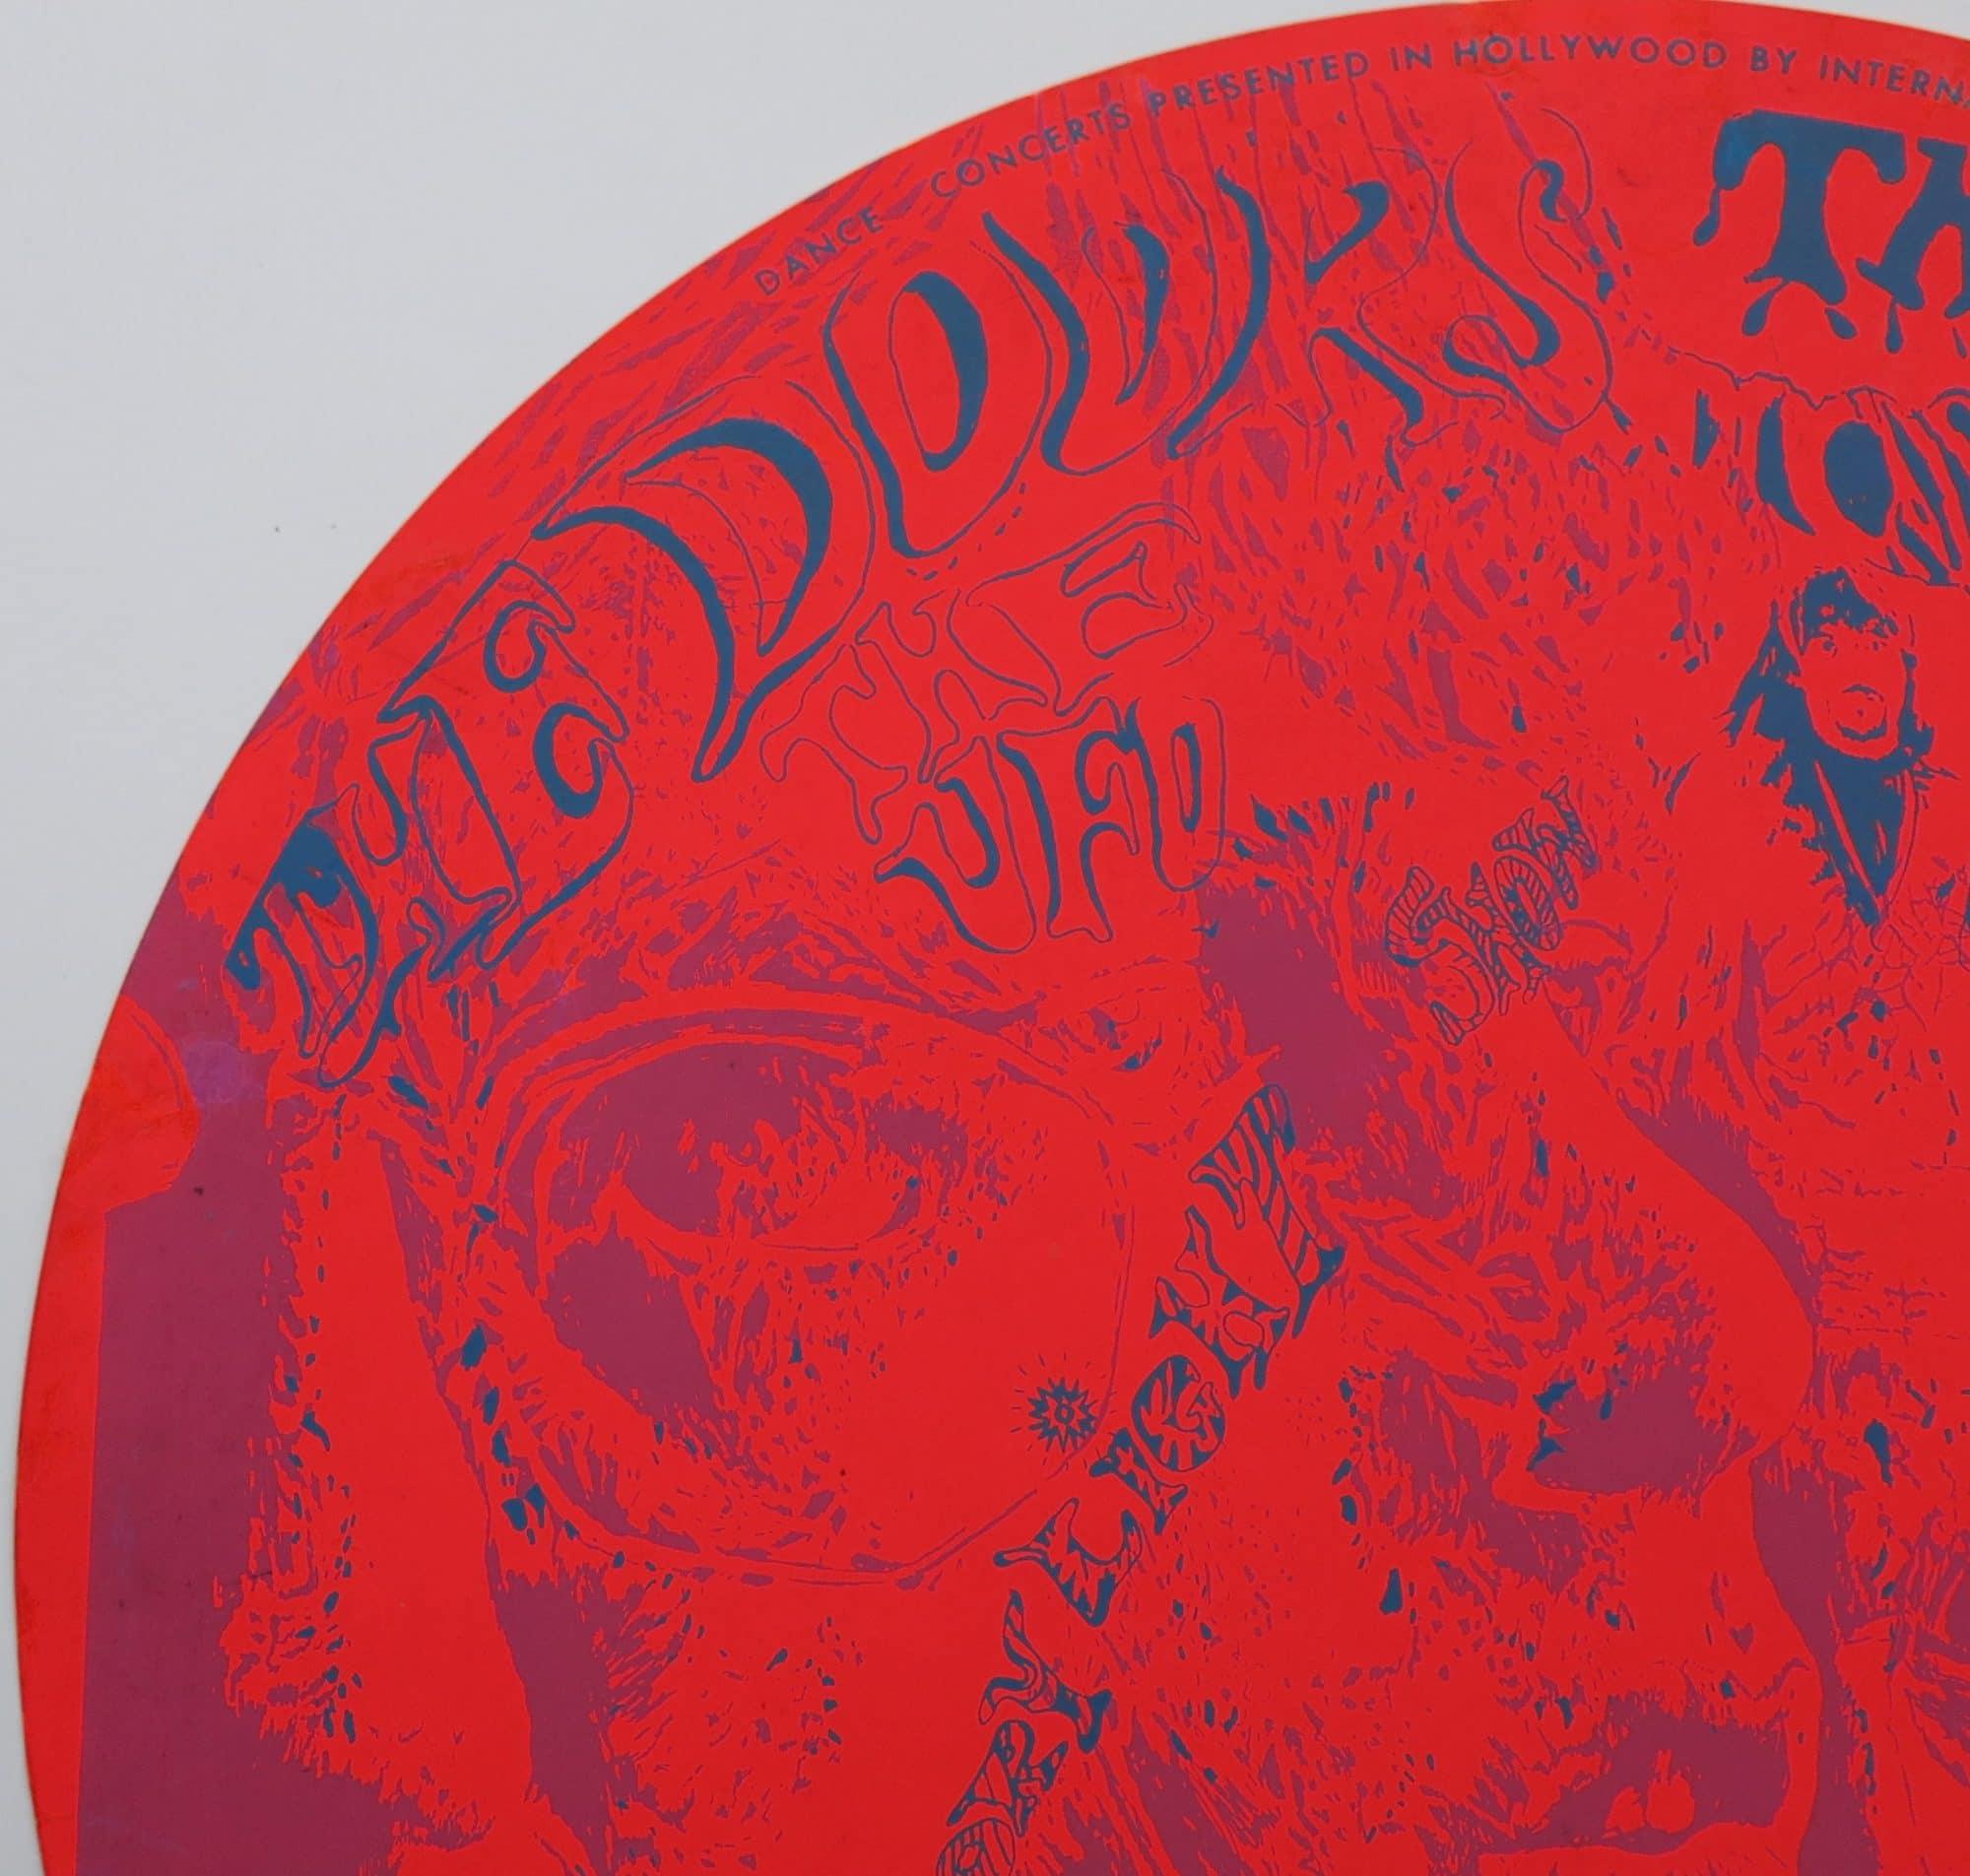 The Doors 1967 Kaleidoscope 2 Round Concert Poster